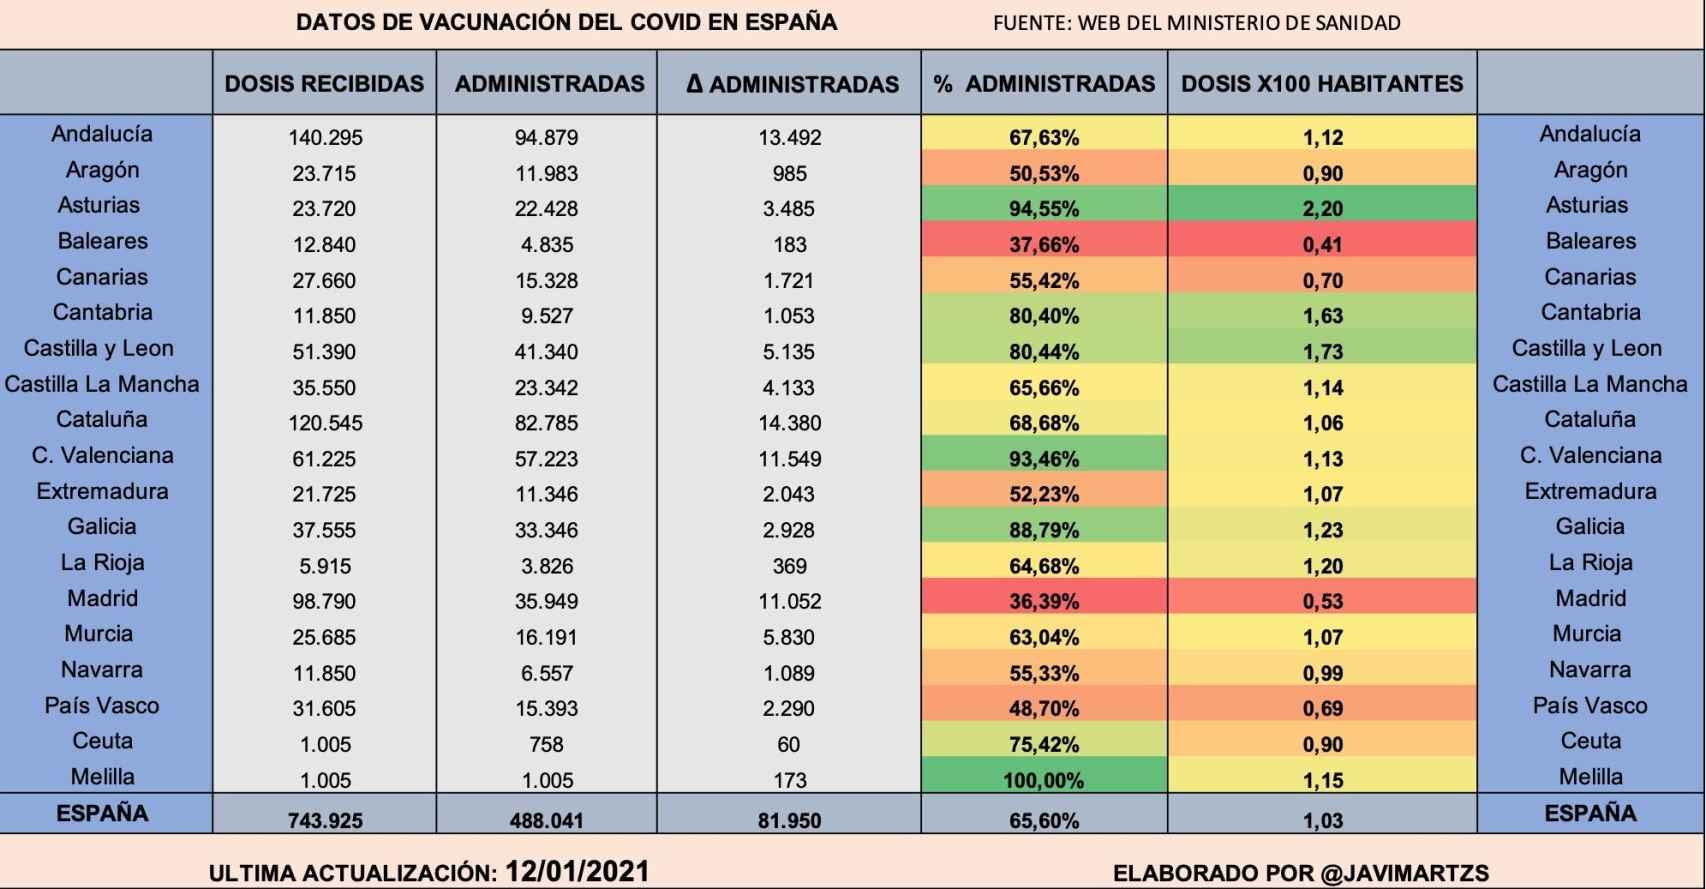 Datos de vacunación de la Covid-19 en España.